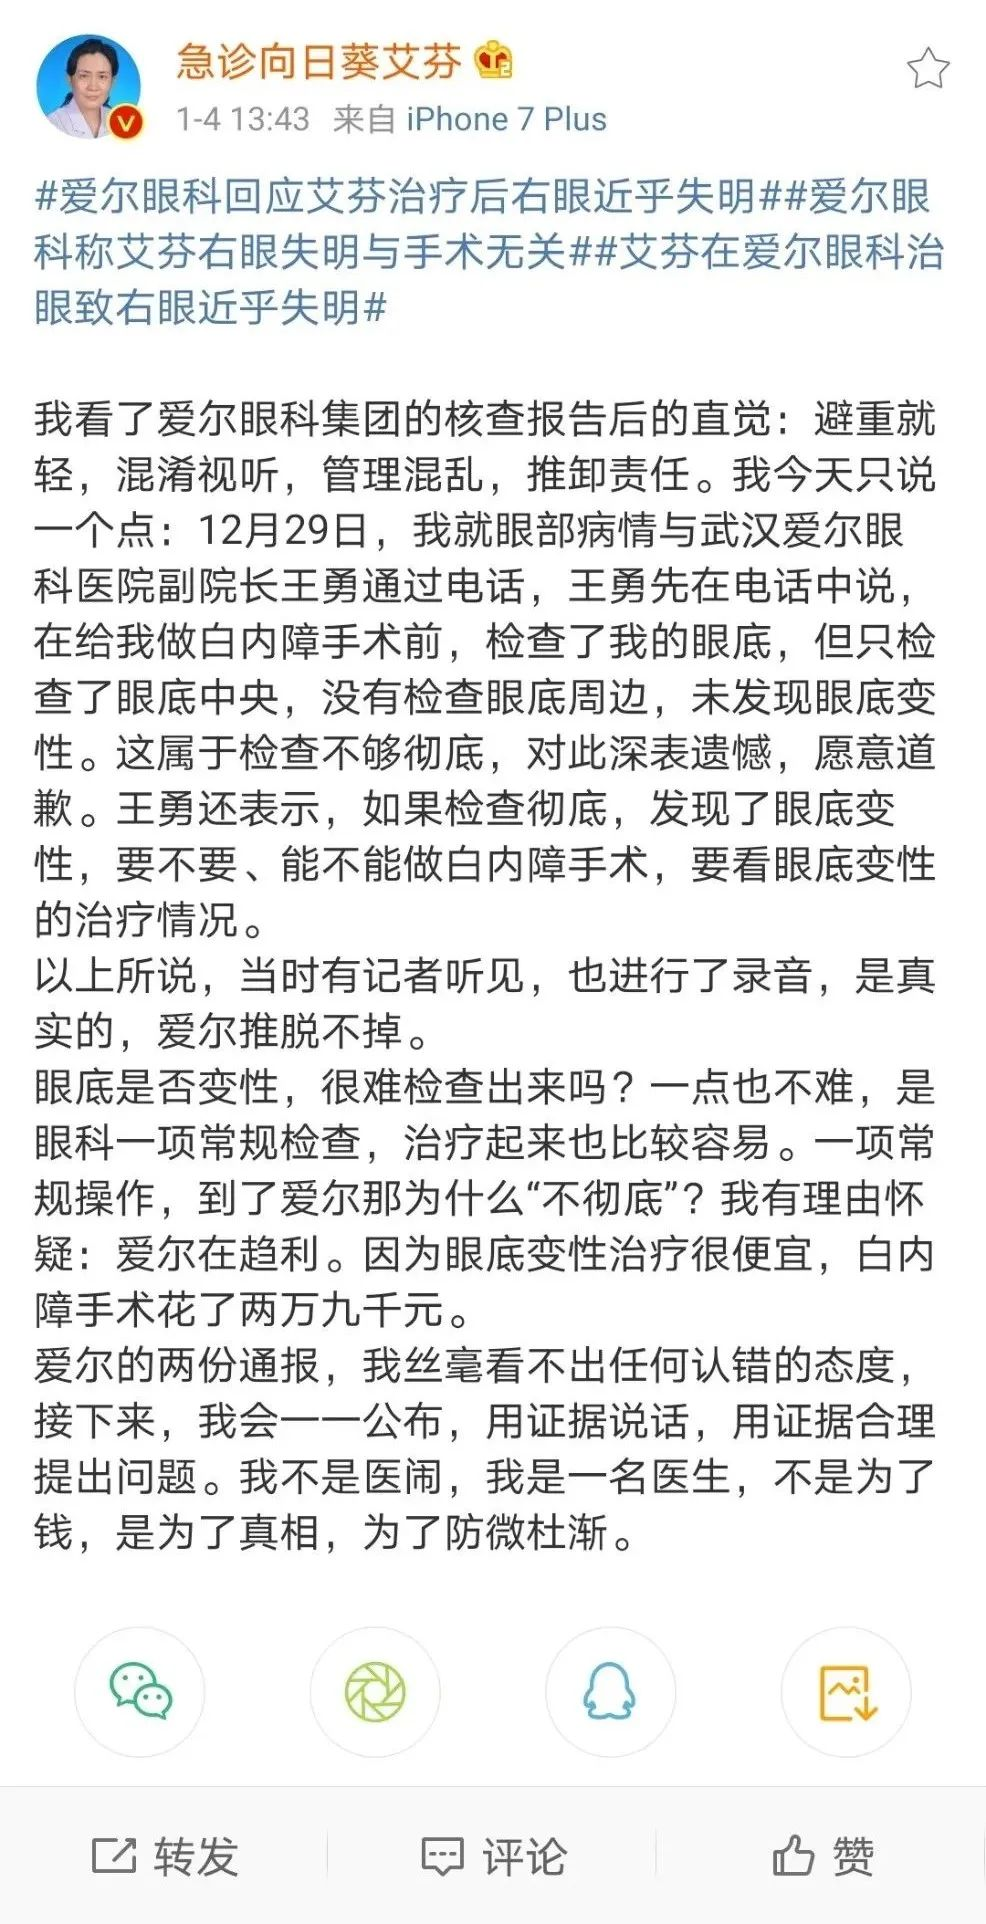 凶利汽车盘中涨远8% 现报29.9港元